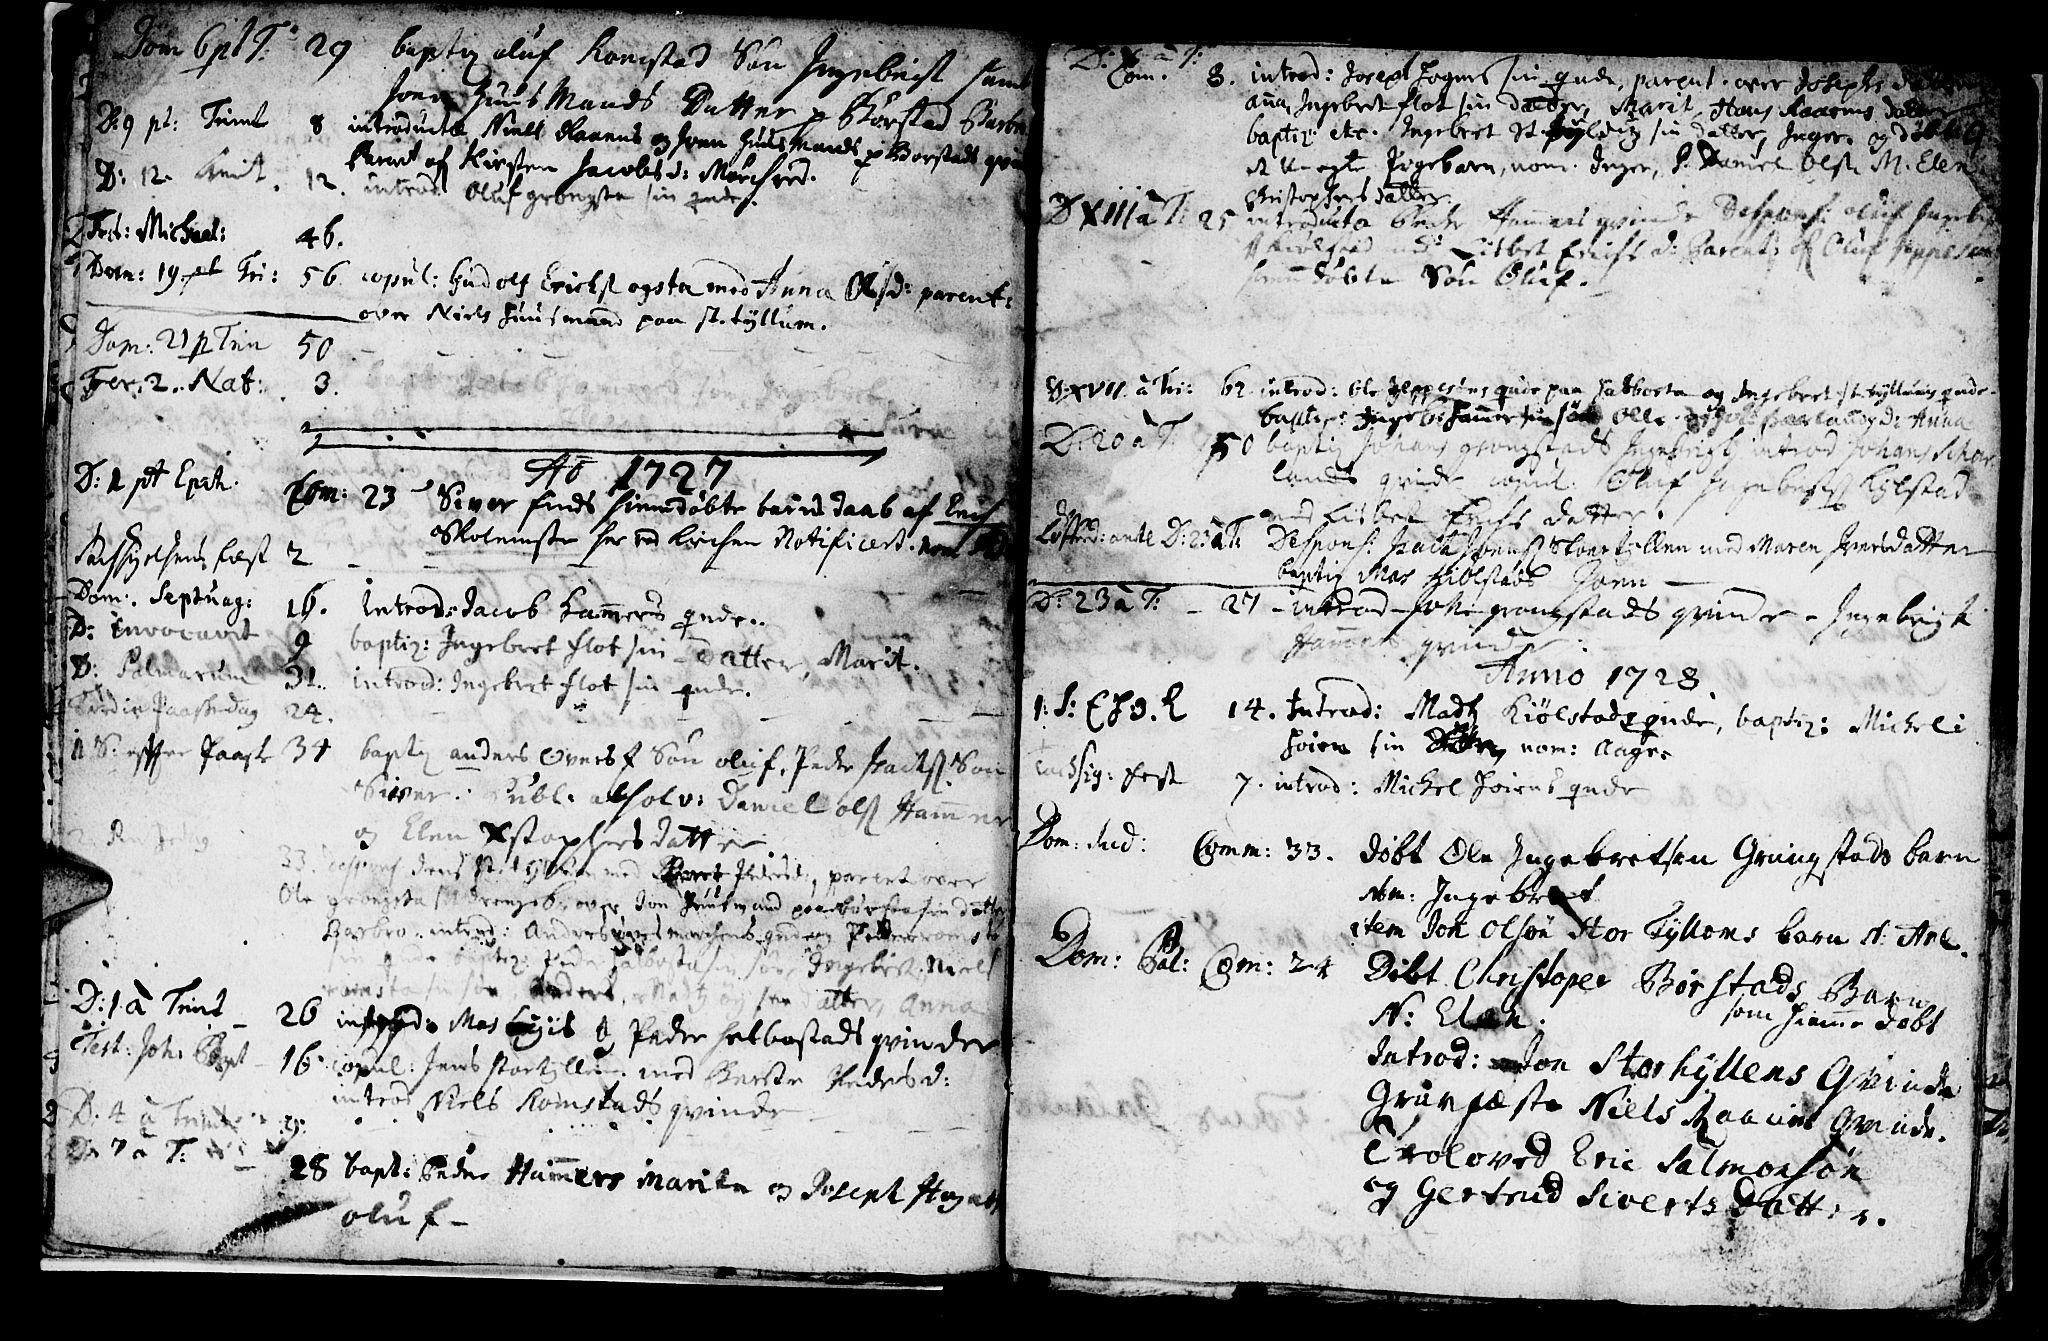 SAT, Ministerialprotokoller, klokkerbøker og fødselsregistre - Nord-Trøndelag, 765/L0560: Ministerialbok nr. 765A01, 1706-1748, s. 9